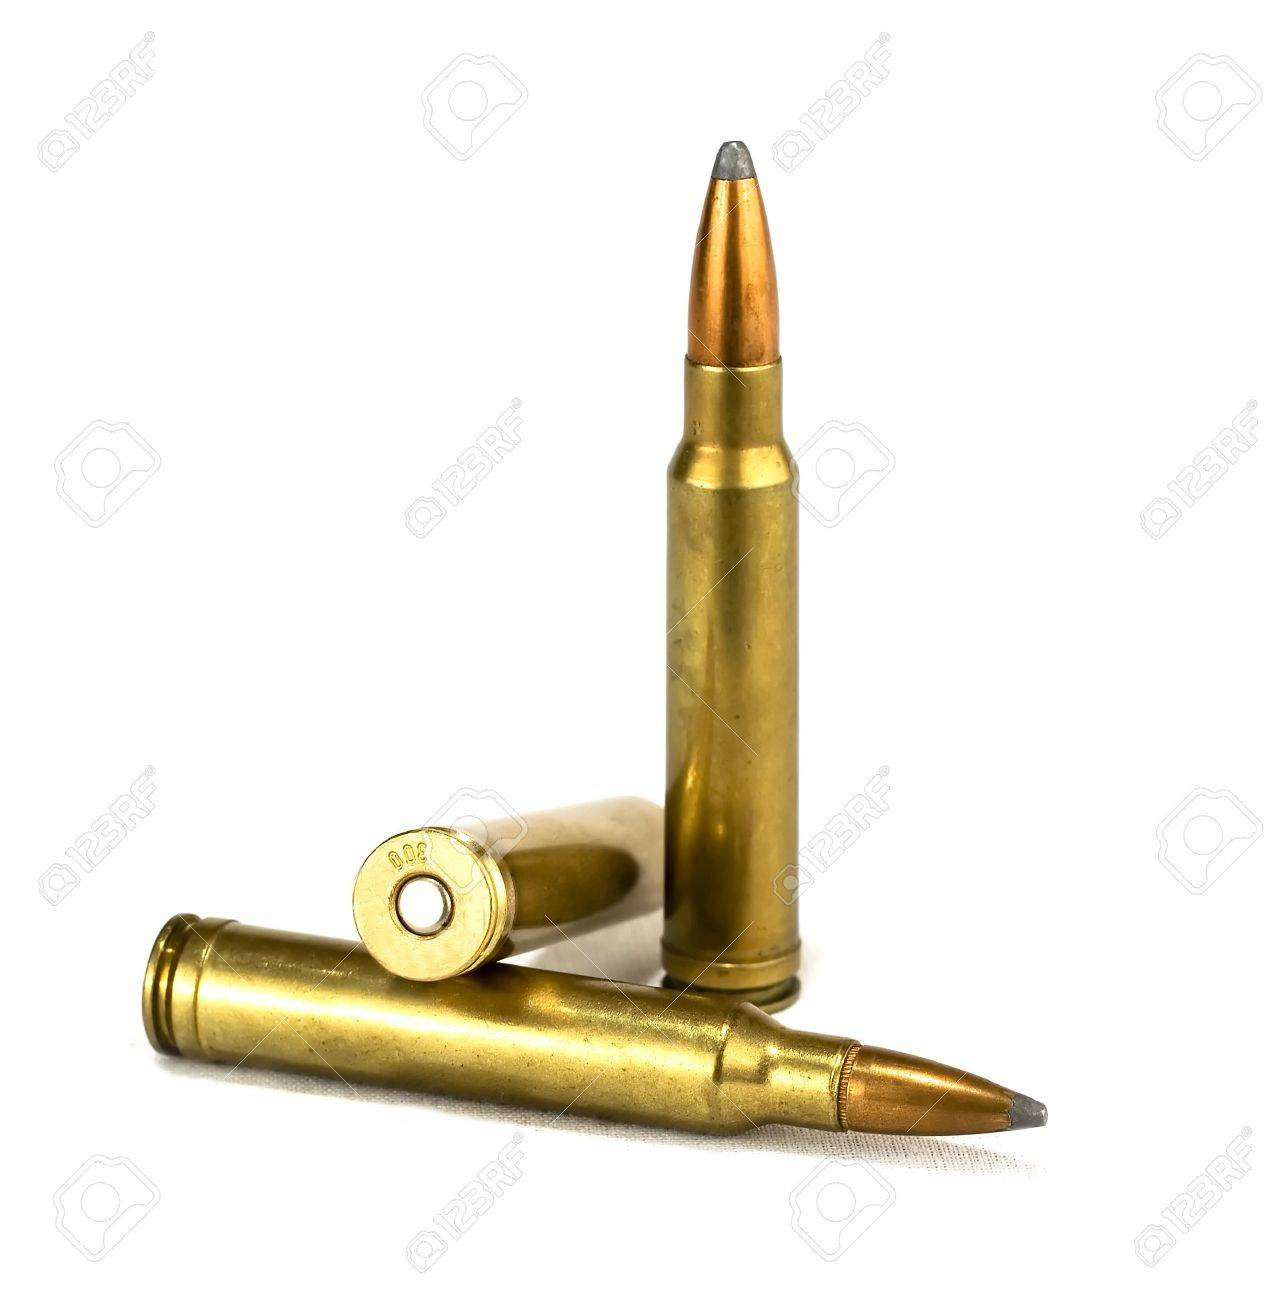 isolated rifle ammunition on white background Stock Photo - 966224